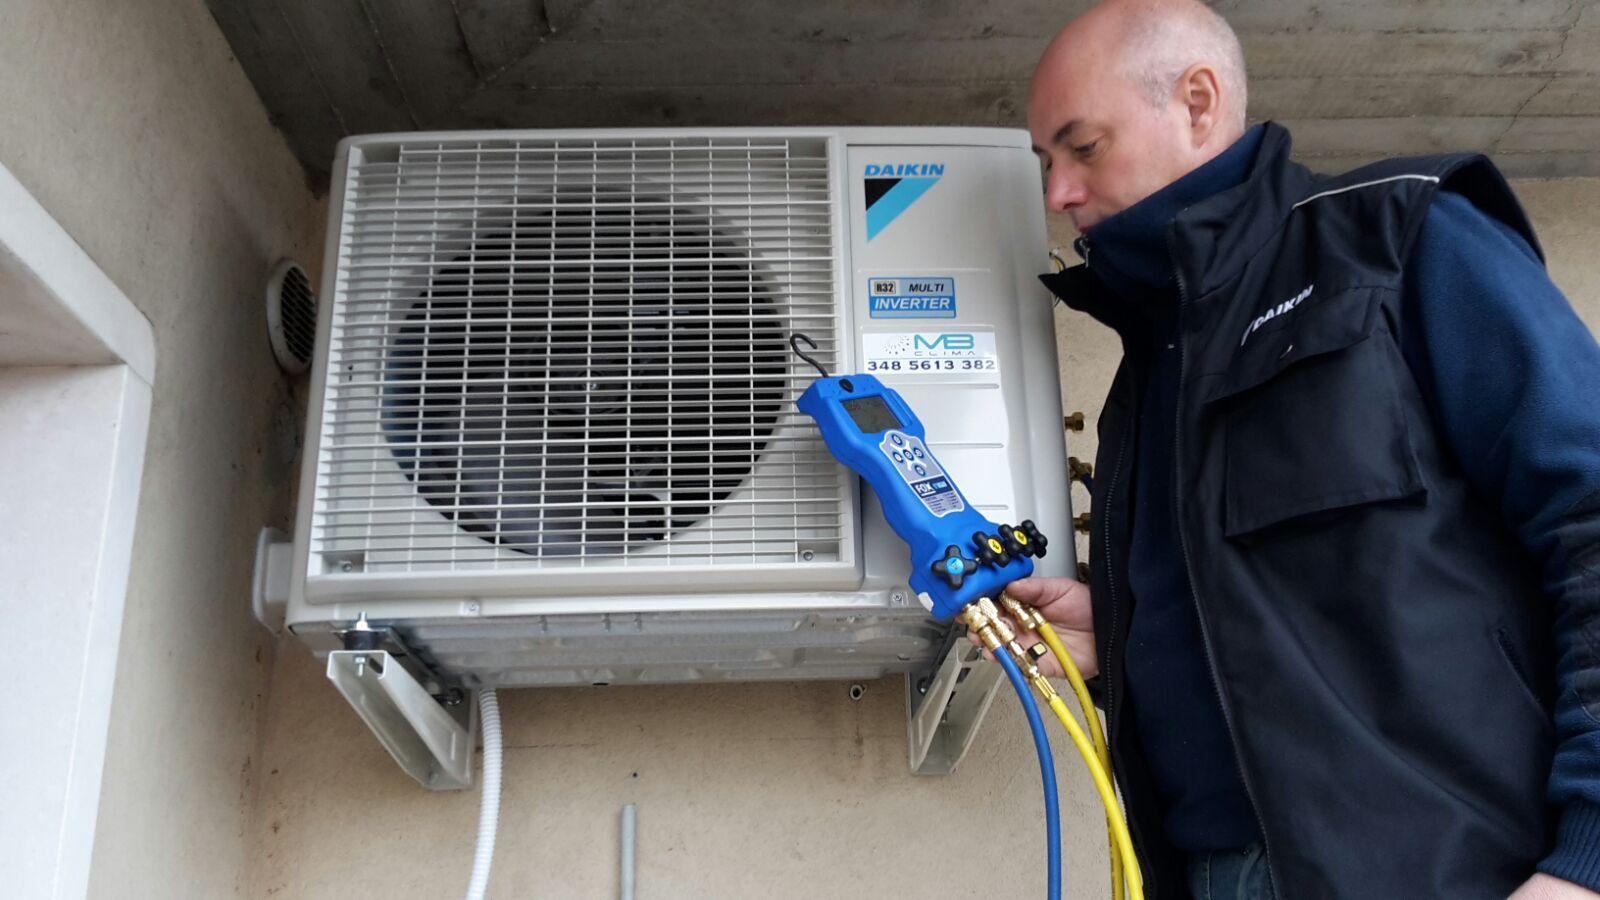 bertorelle-mauro-primo-installatore-daikin-in-italia-gas-r32-riduzione-emissioni